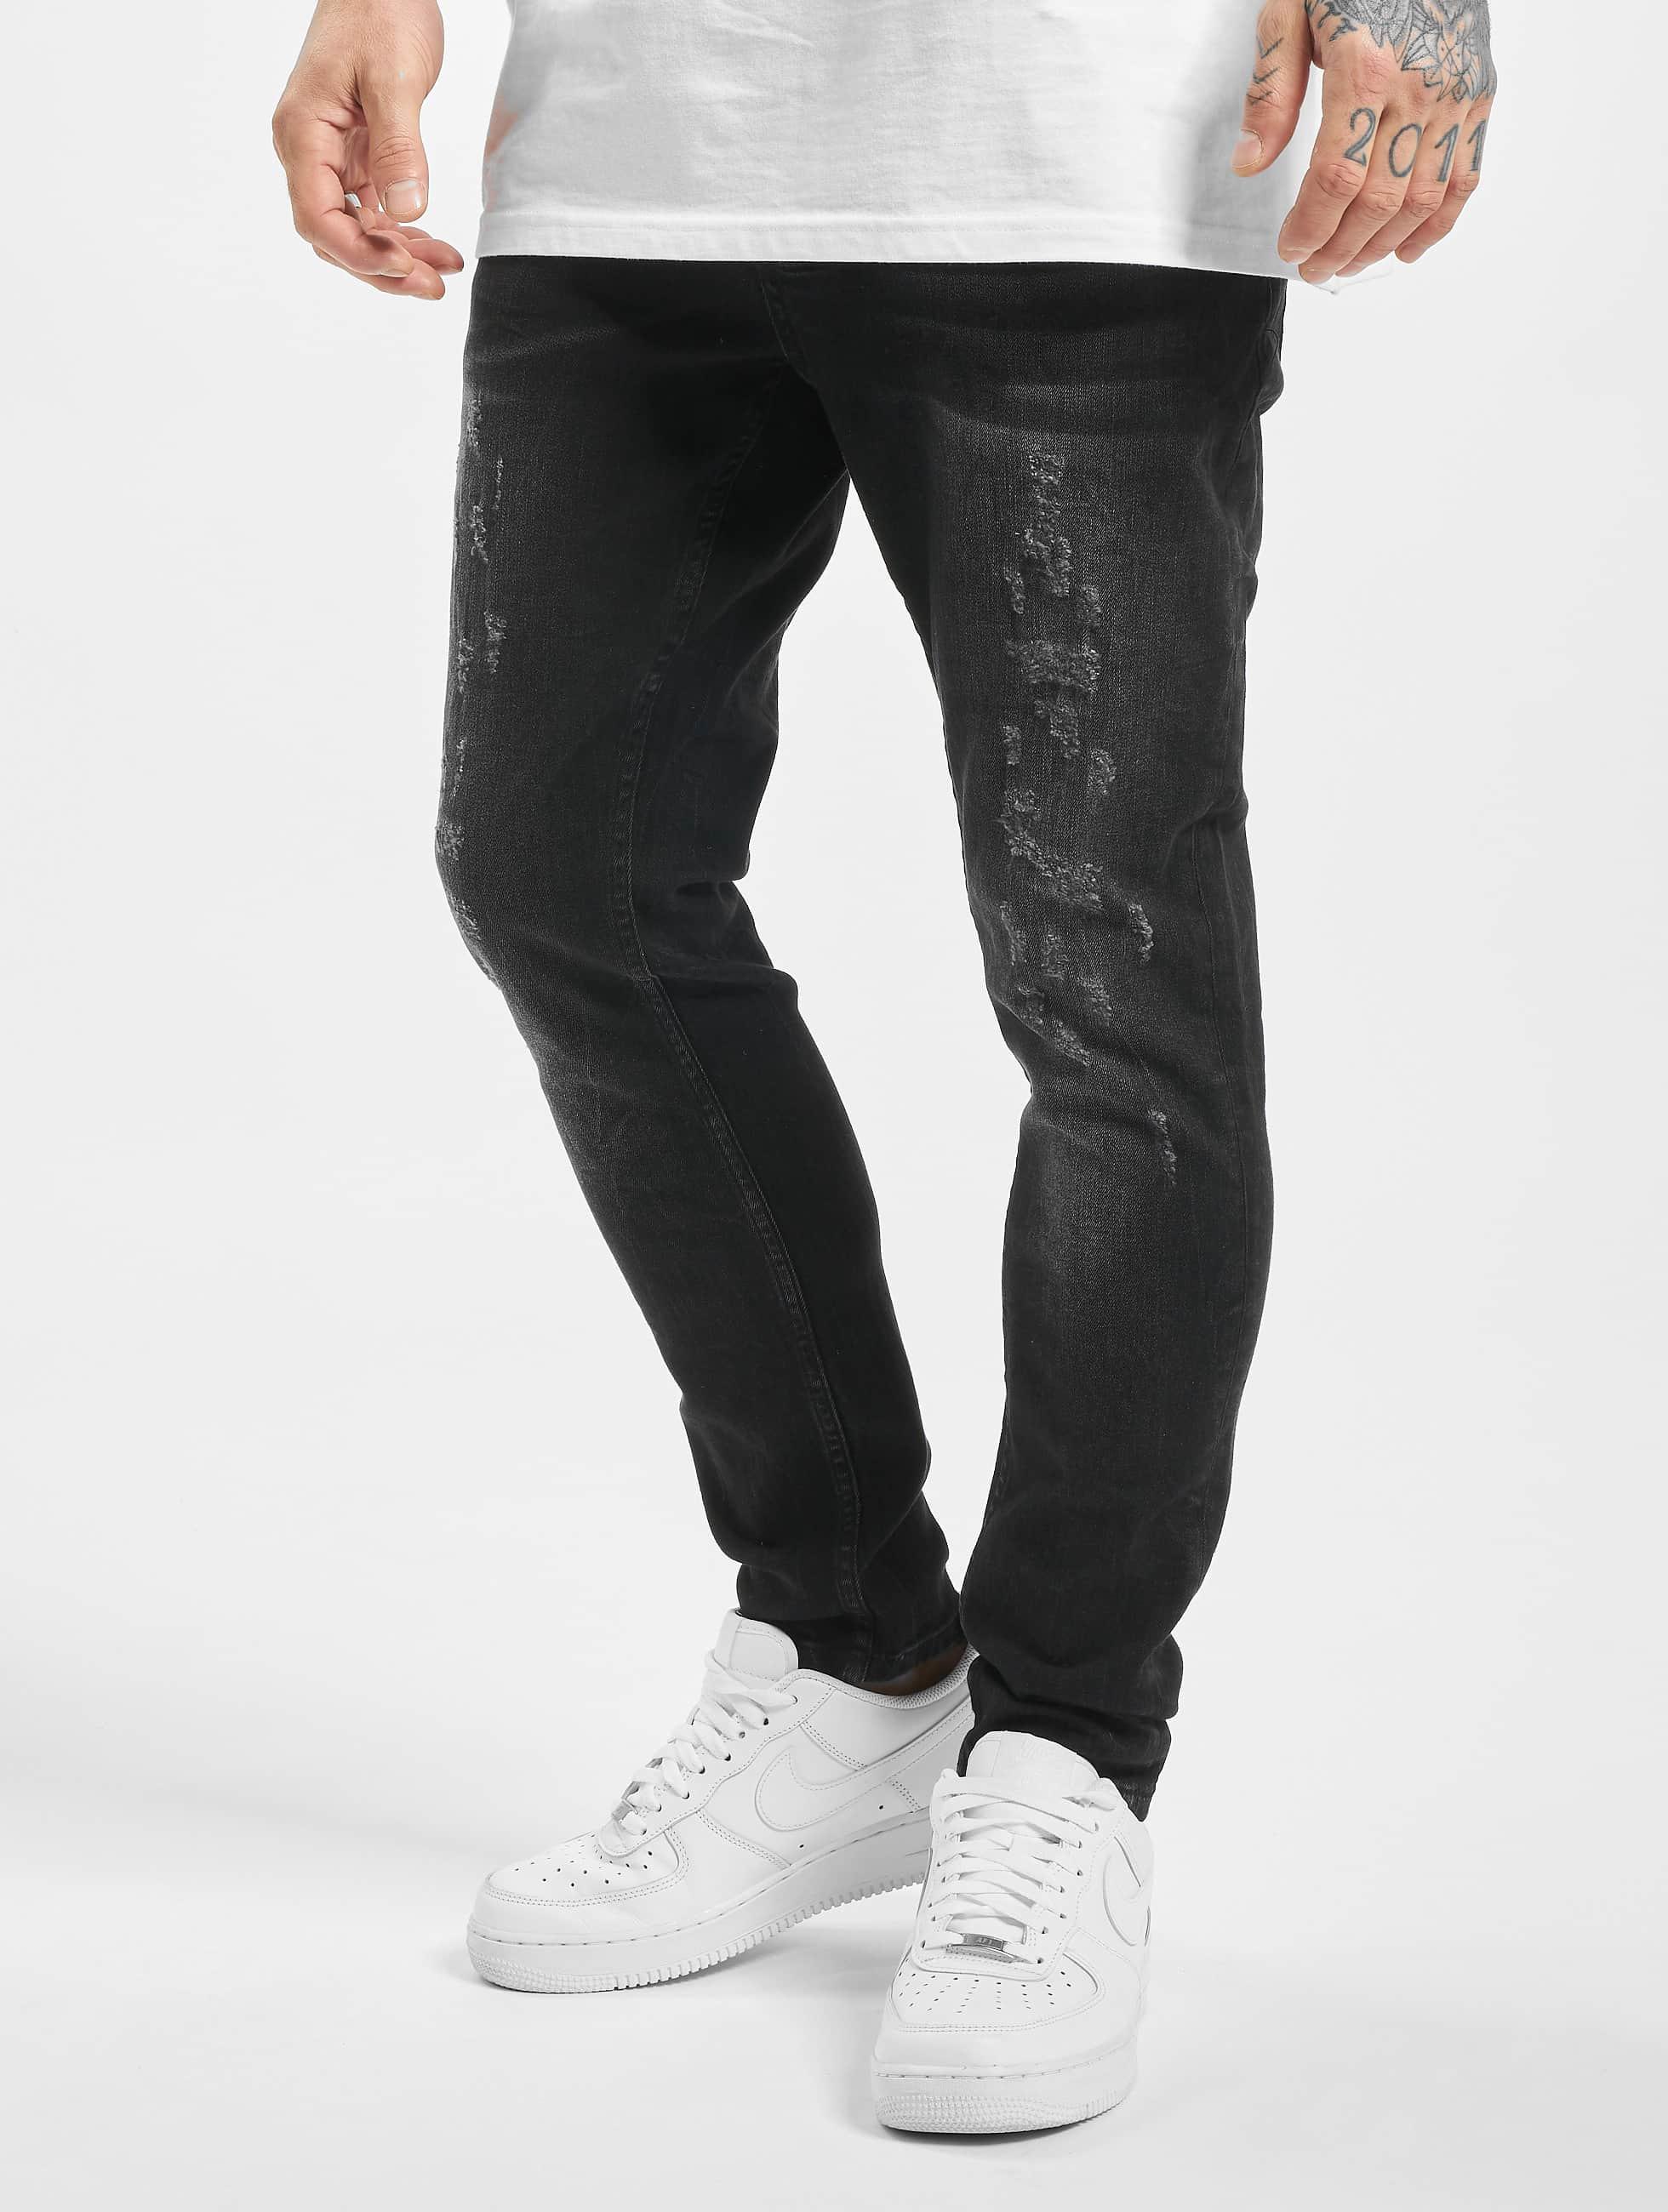 2Y / Slim Fit Jeans Aaron in black W 30